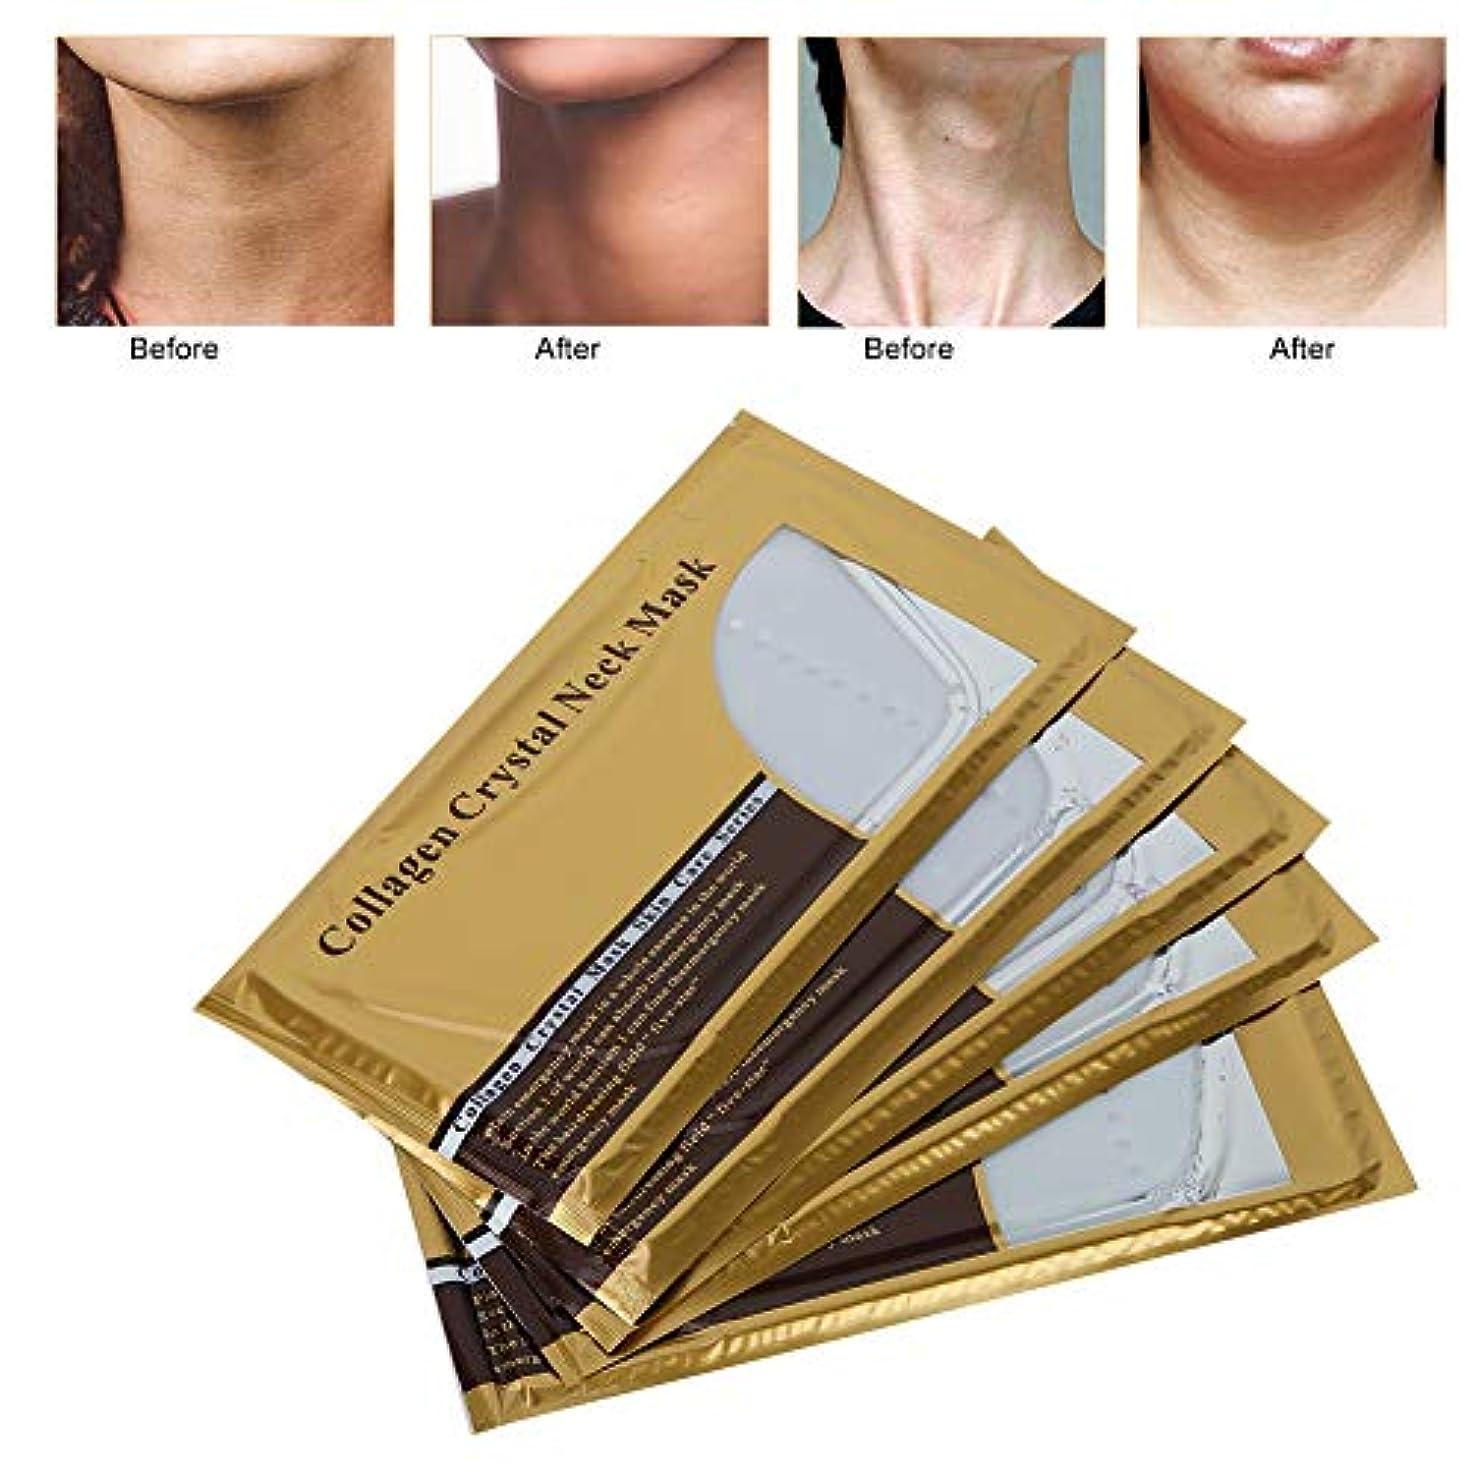 チューリップ虫しばしばネックスキンリニューアルマスク、5ピースコラーゲン肌のリラクゼーションスキンケアマスク用あごリフティング剥離ホワイトニング引き締めより良い保湿水分補給